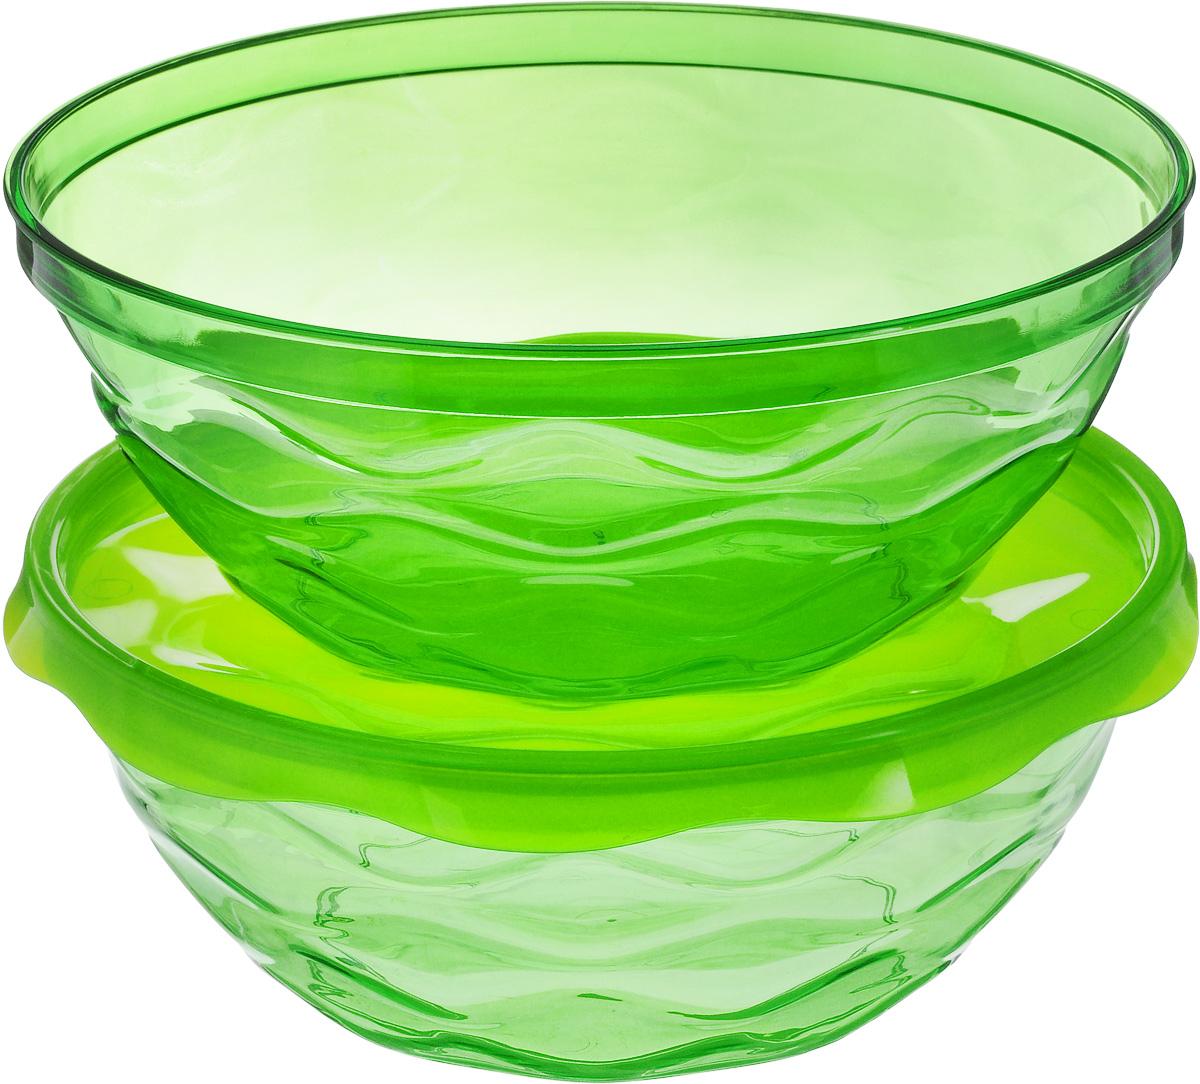 Набор салатников Giaretti Riva, цвет: зеленый, 2,5 л, 3 предметаGR1838МИКС_зеленыйНабор Giaretti Riva состоит из двух салатников, выполненных из прозрачного полистирола. Салатники прекрасно подходят как для приготовления, так и для подачи различных блюд на стол. Стильный дизайн и яркие цвета создадут творческую атмосферу на вашей кухне. В комплект входит удобная плотная крышка, которая сохранит свежесть приготовленных блюд. Можно мыть в посудомоечной машине. Объем салатников: 2,5 л. Высота стенки: 9 см. Диаметр: 23 см.